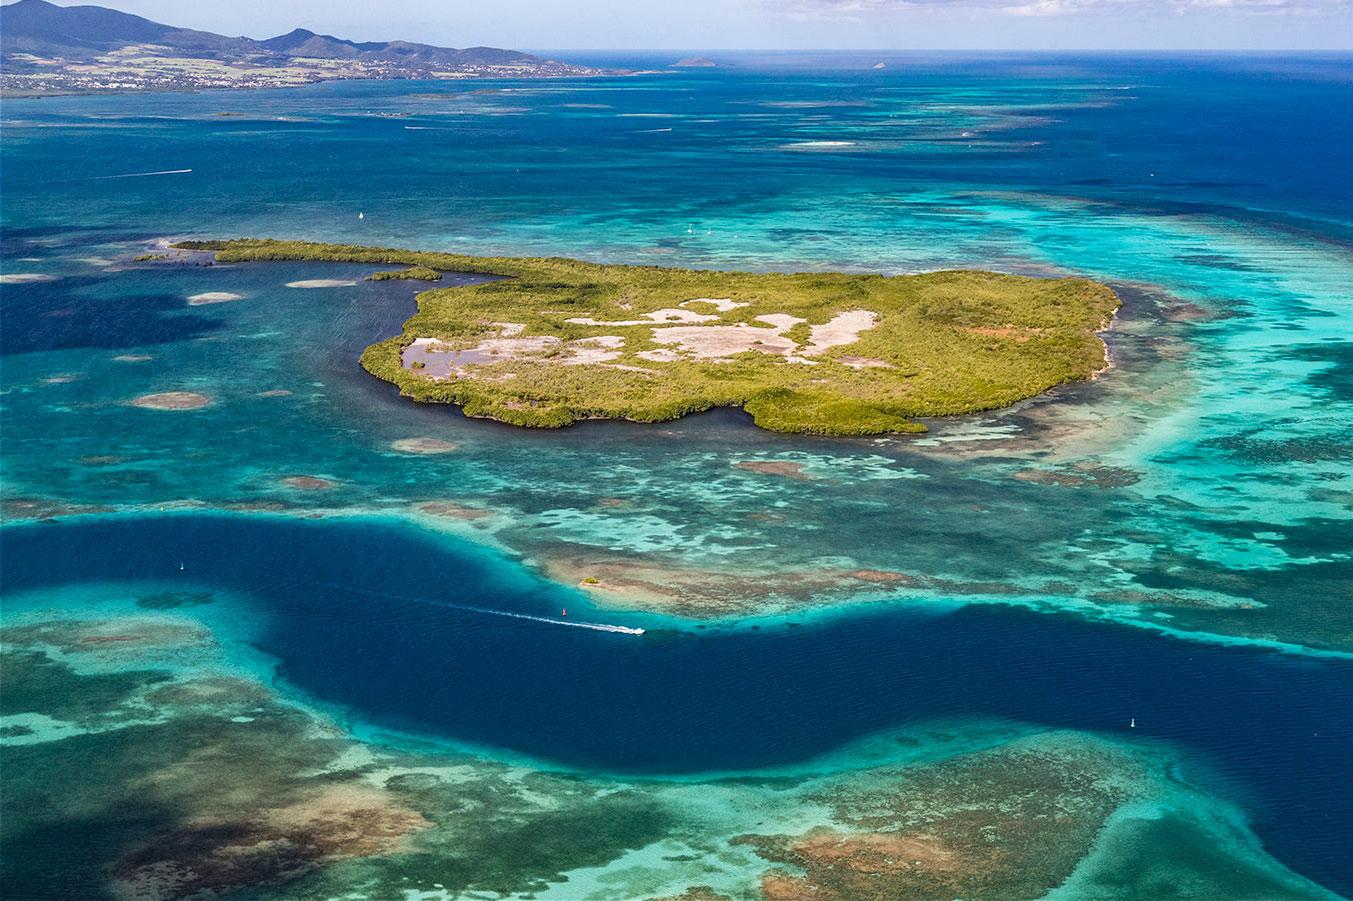 sable Réserve îlets de des à lagon de ce vaste de la et grâce l'excursion à zones blanc la découverte mangrove Naturelle Partez aux classées nombreuses vpqnWRRx